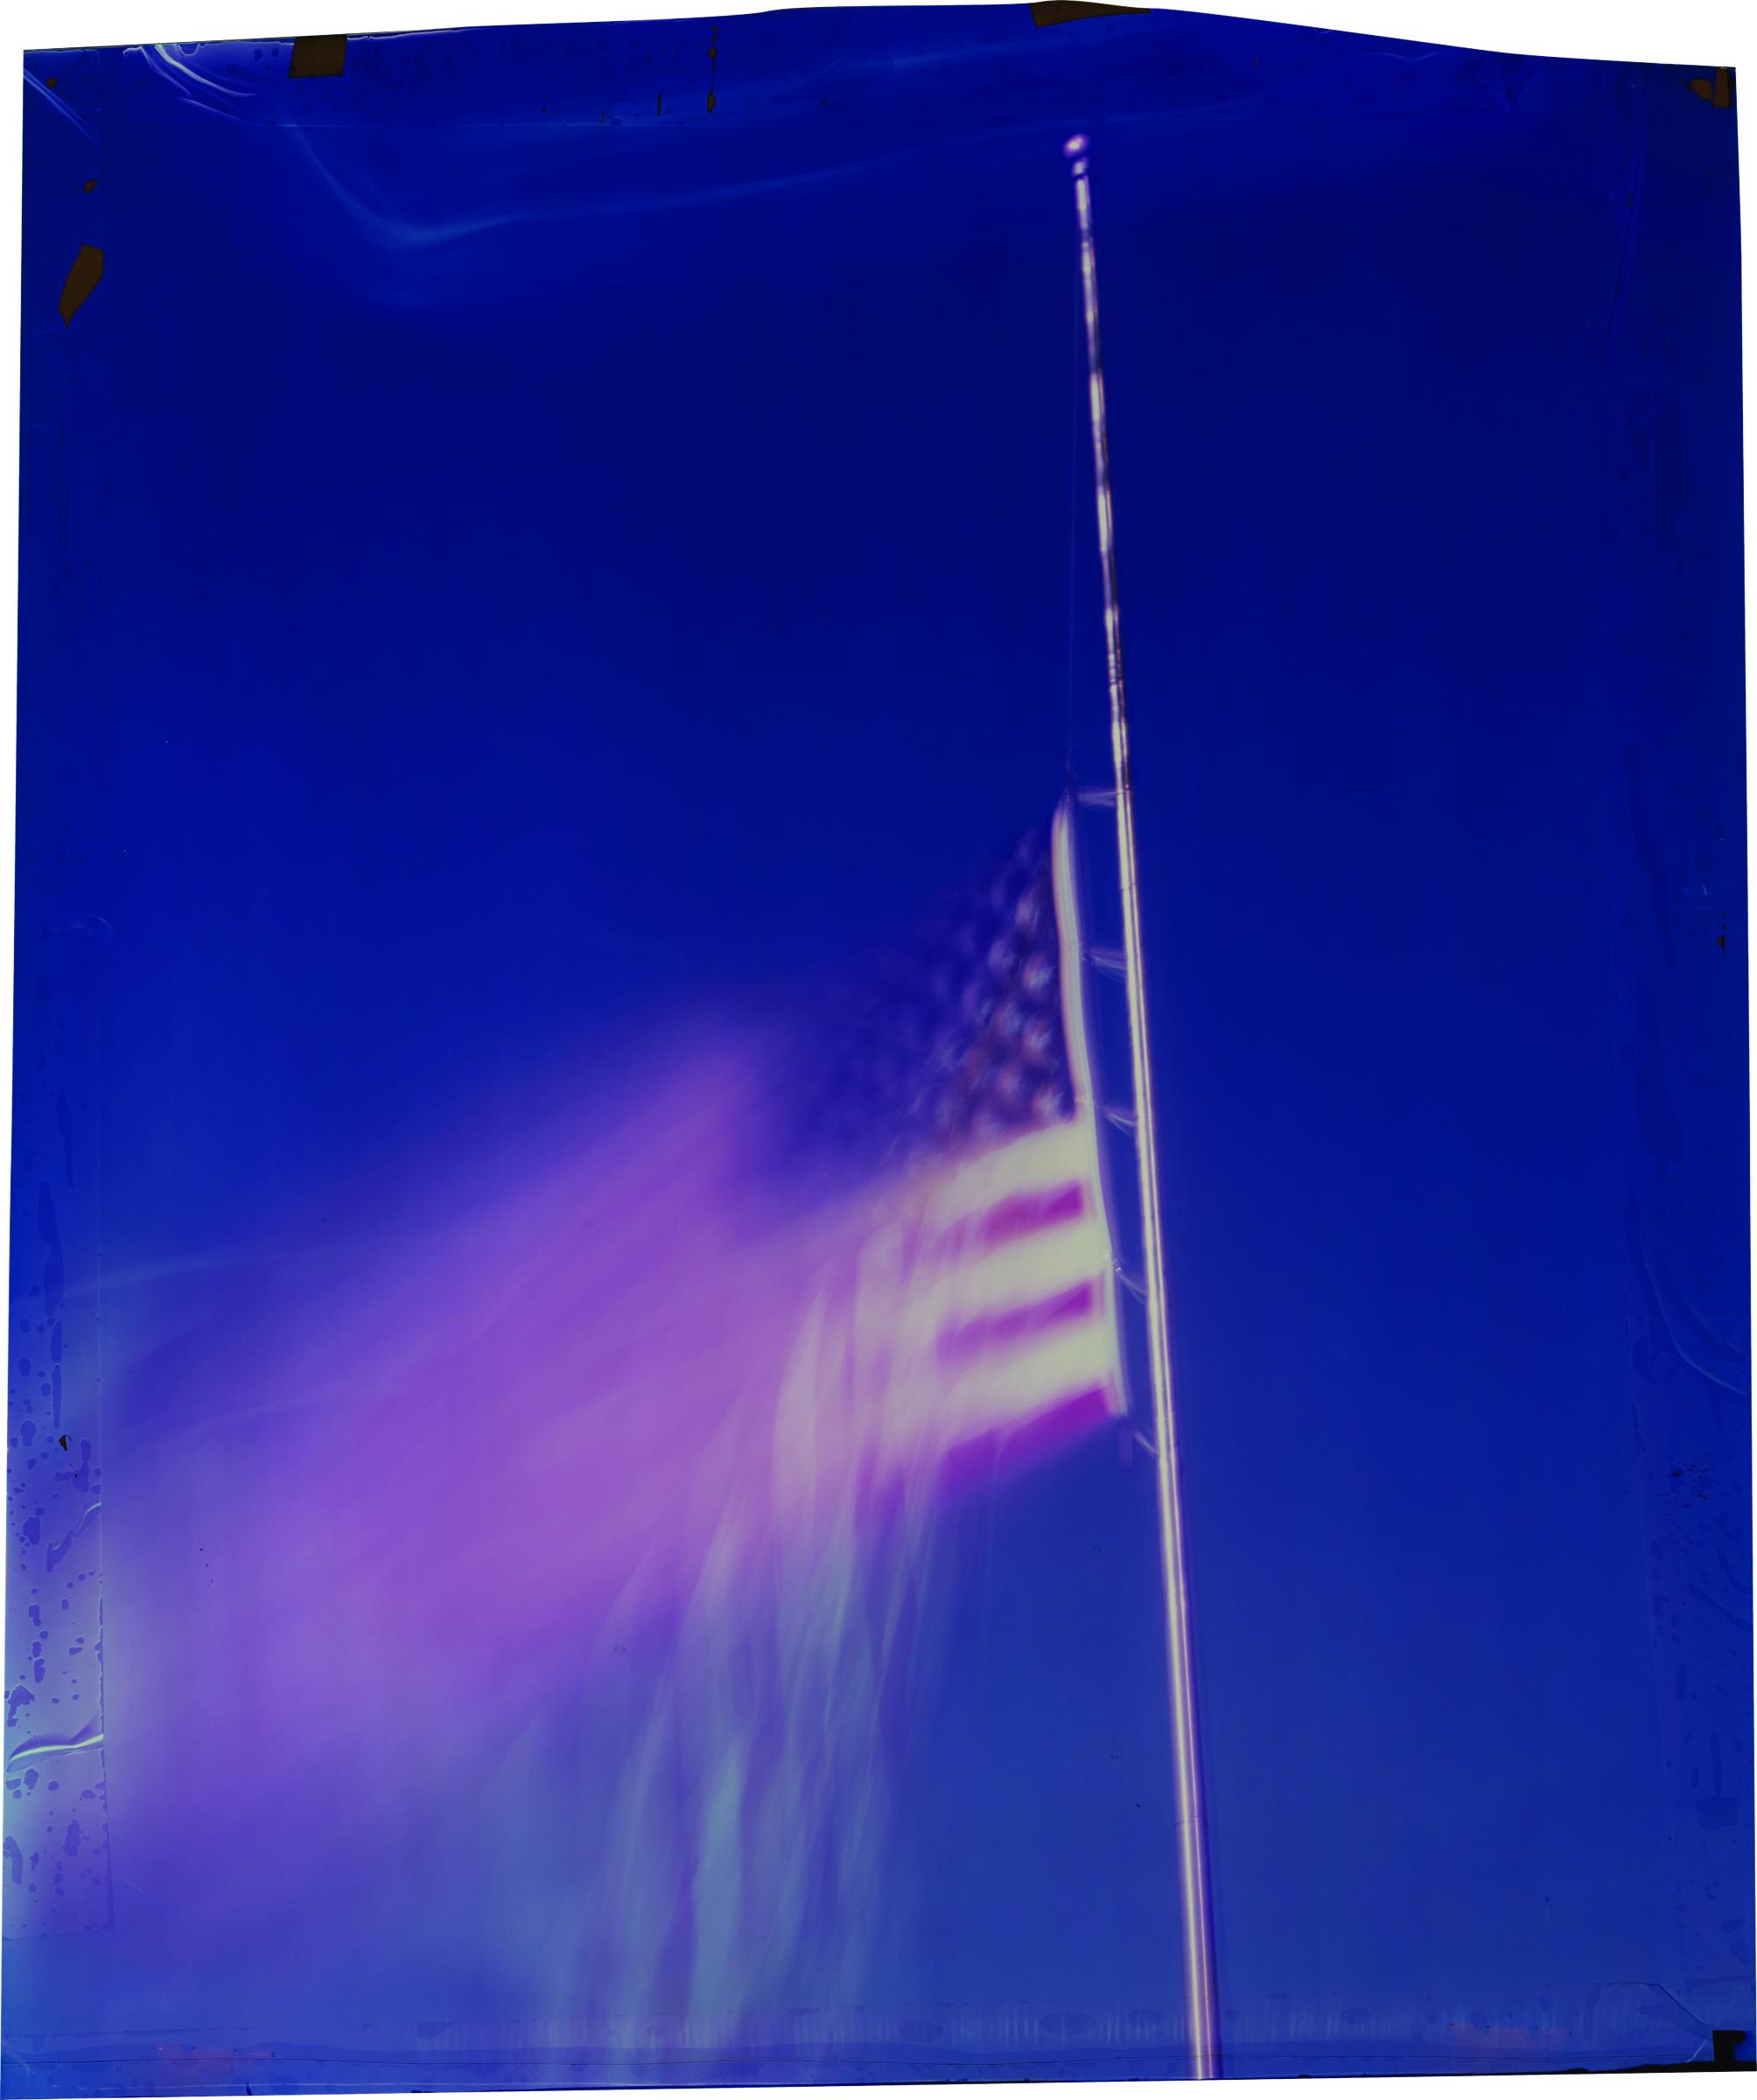 John Chiara ©  Sanderson at Corporation , Coahoma County, Mississippi, Camera Obscura Ilfochrome Photograph, Unique, 34'' x 28'', 2013